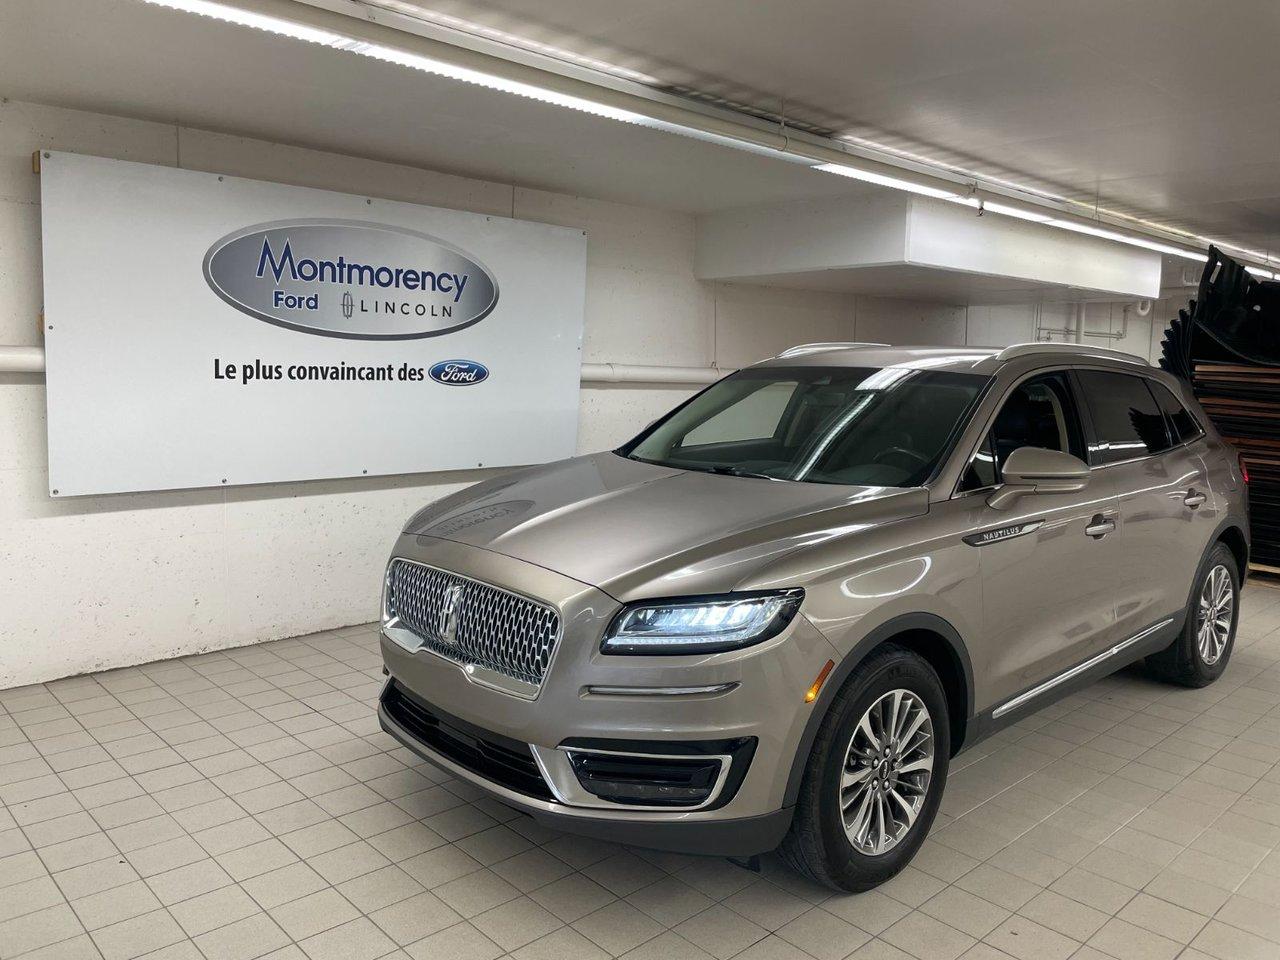 Lincoln Nautilus 2019 Select 2.0L AWD - ENTRETIENS INCLUS JUSQU'EN